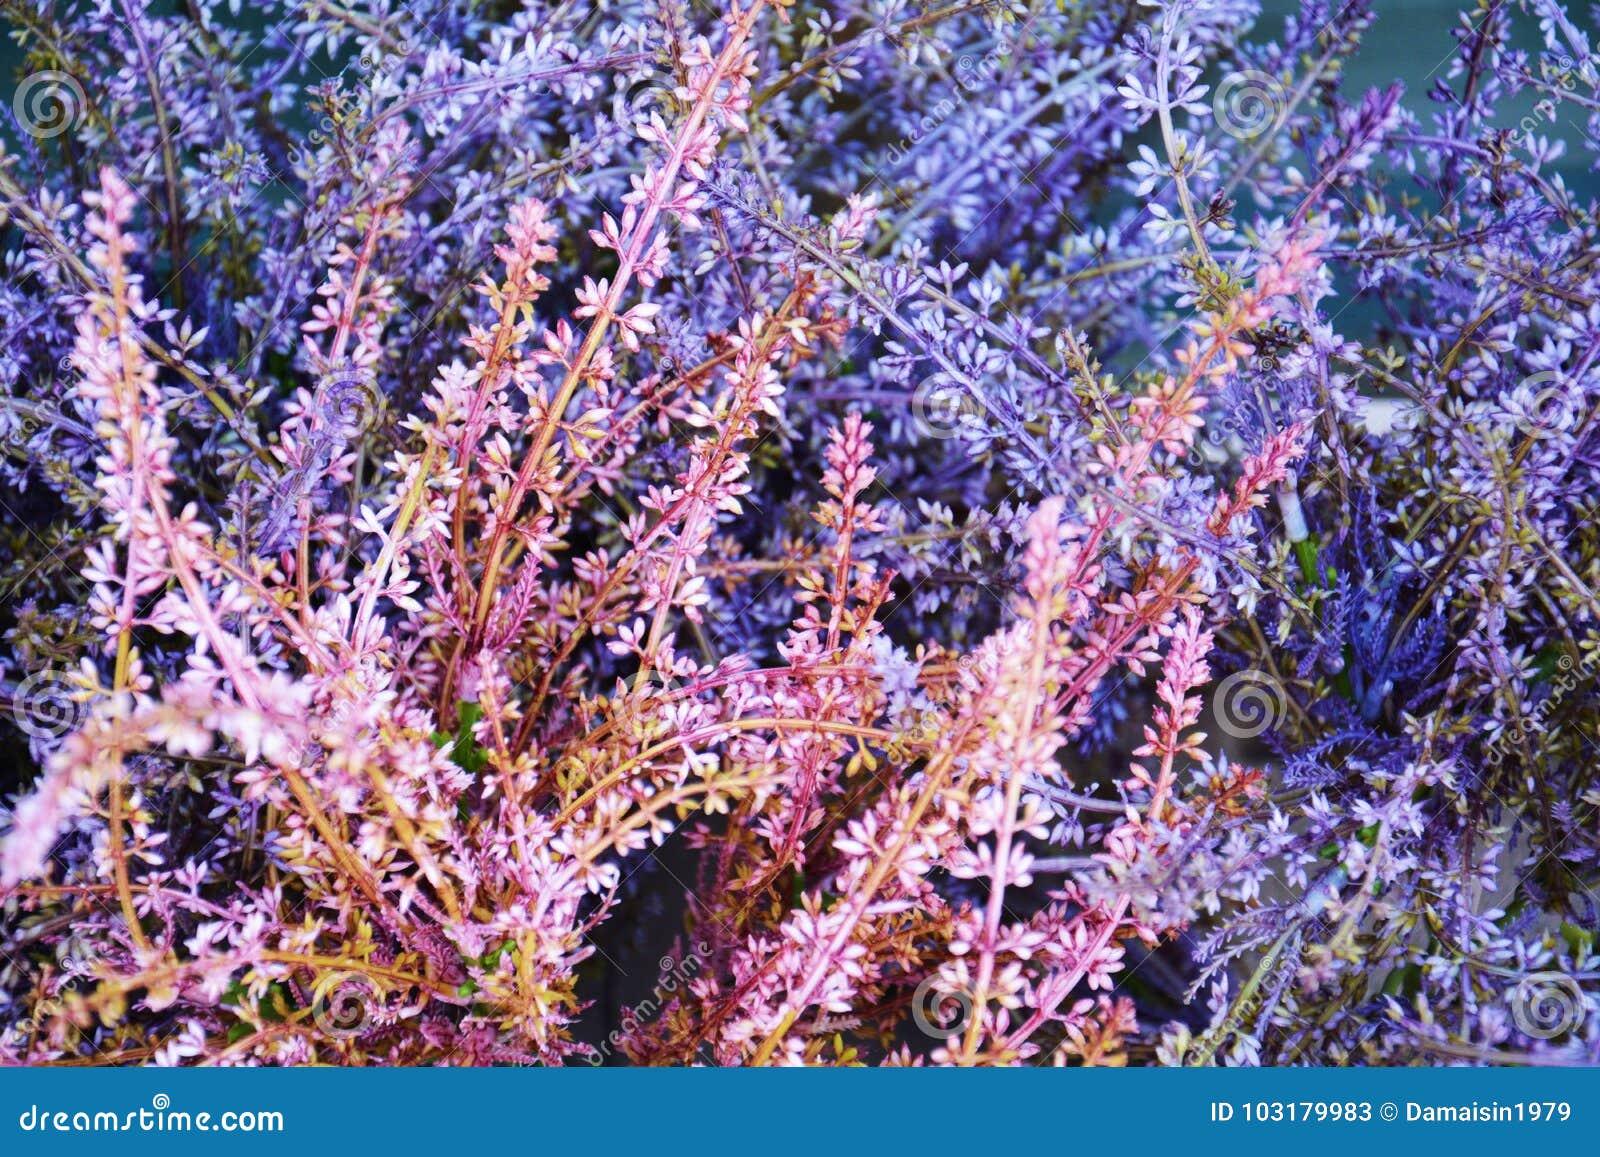 Violetta rosa färger övervintrar blommor, och gräsplan lämnar upp blommor, slut